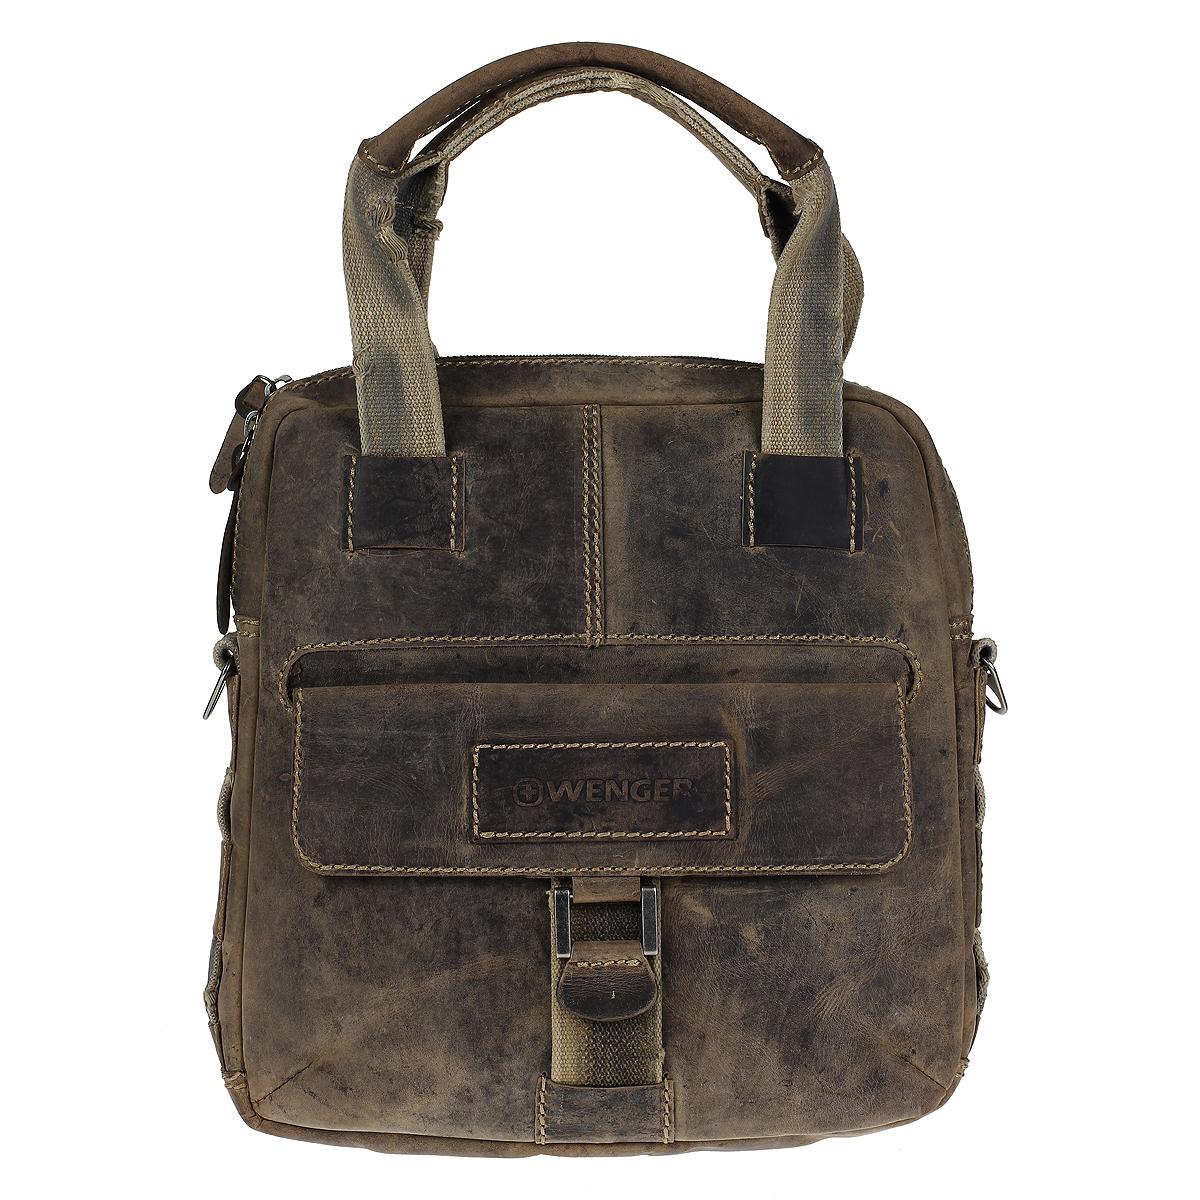 """Сумка мужская Wengler Arizona, цвет: светло-коричневый. W23-04BrBA7426Стильная, вместительная сумка Wenger """"Arizona"""" выполнена из коровьей кожи с потертостями, что делает ее уникальной. Сумка оформлена контрастной отстрочкой и отделкой из толстых текстильных ремней.Вертикальная сумка имеет одно отделение на металлической молнии с двумя бегунками. Внутри - вшитый карман на молнии, шесть отделений для карточек и визиток, два кармана для пишущих инструментов, карман для мобильного телефона и отделение для планшетного компьютера. На лицевой стороне расположен карман, закрывающийся клапаном на магнитную кнопку. На задней стенке - вшитый карман на молнии.Сумка оснащена двумя ручками, а также текстильным плечевым ремнем регулируемой длины. Стильная, практичная сумка в стиле кэжуал для современного мужчины. Кожаные сумки Wenger - модные, функциональные, высококачественные сумки с уникальным дизайном. Характеристики: Материал: натуральная коровья кожа, текстиль, металл. Цвет: светло-коричневый. Размер сумки: 33 см х 34 см х 12 см.Высота ручек: 22 см."""